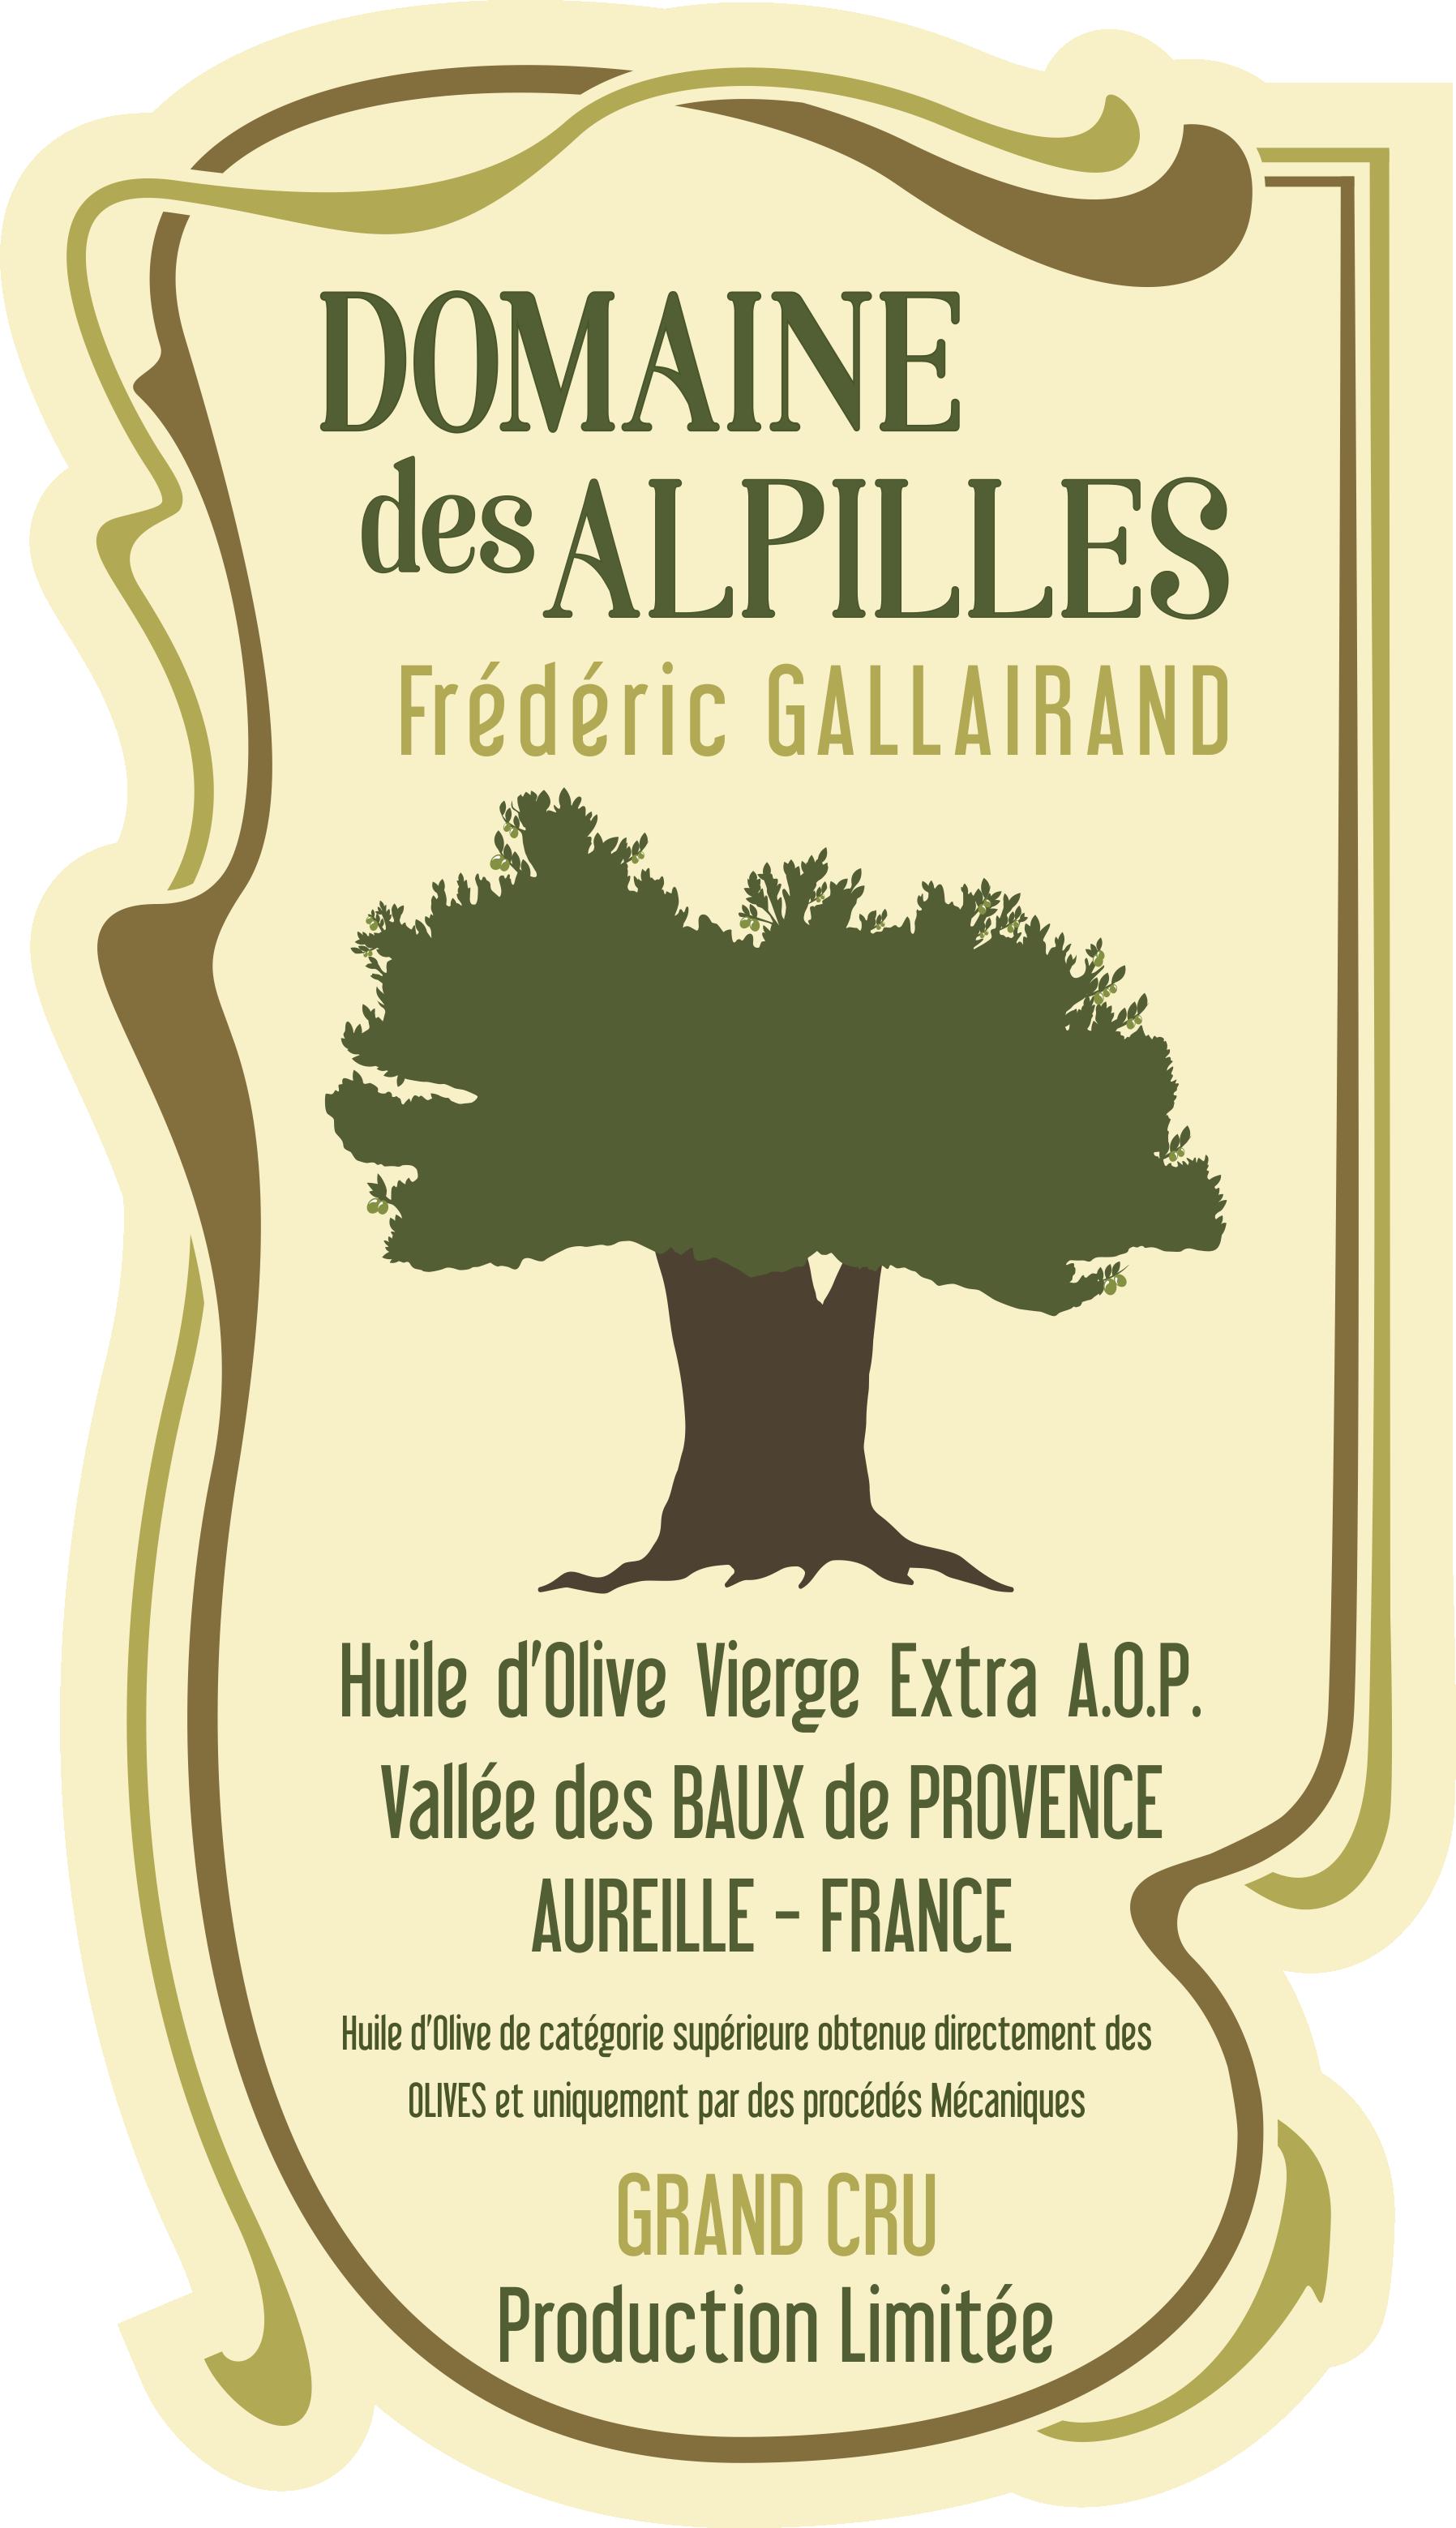 DOMAINE des ALPILLES / L'Excellence